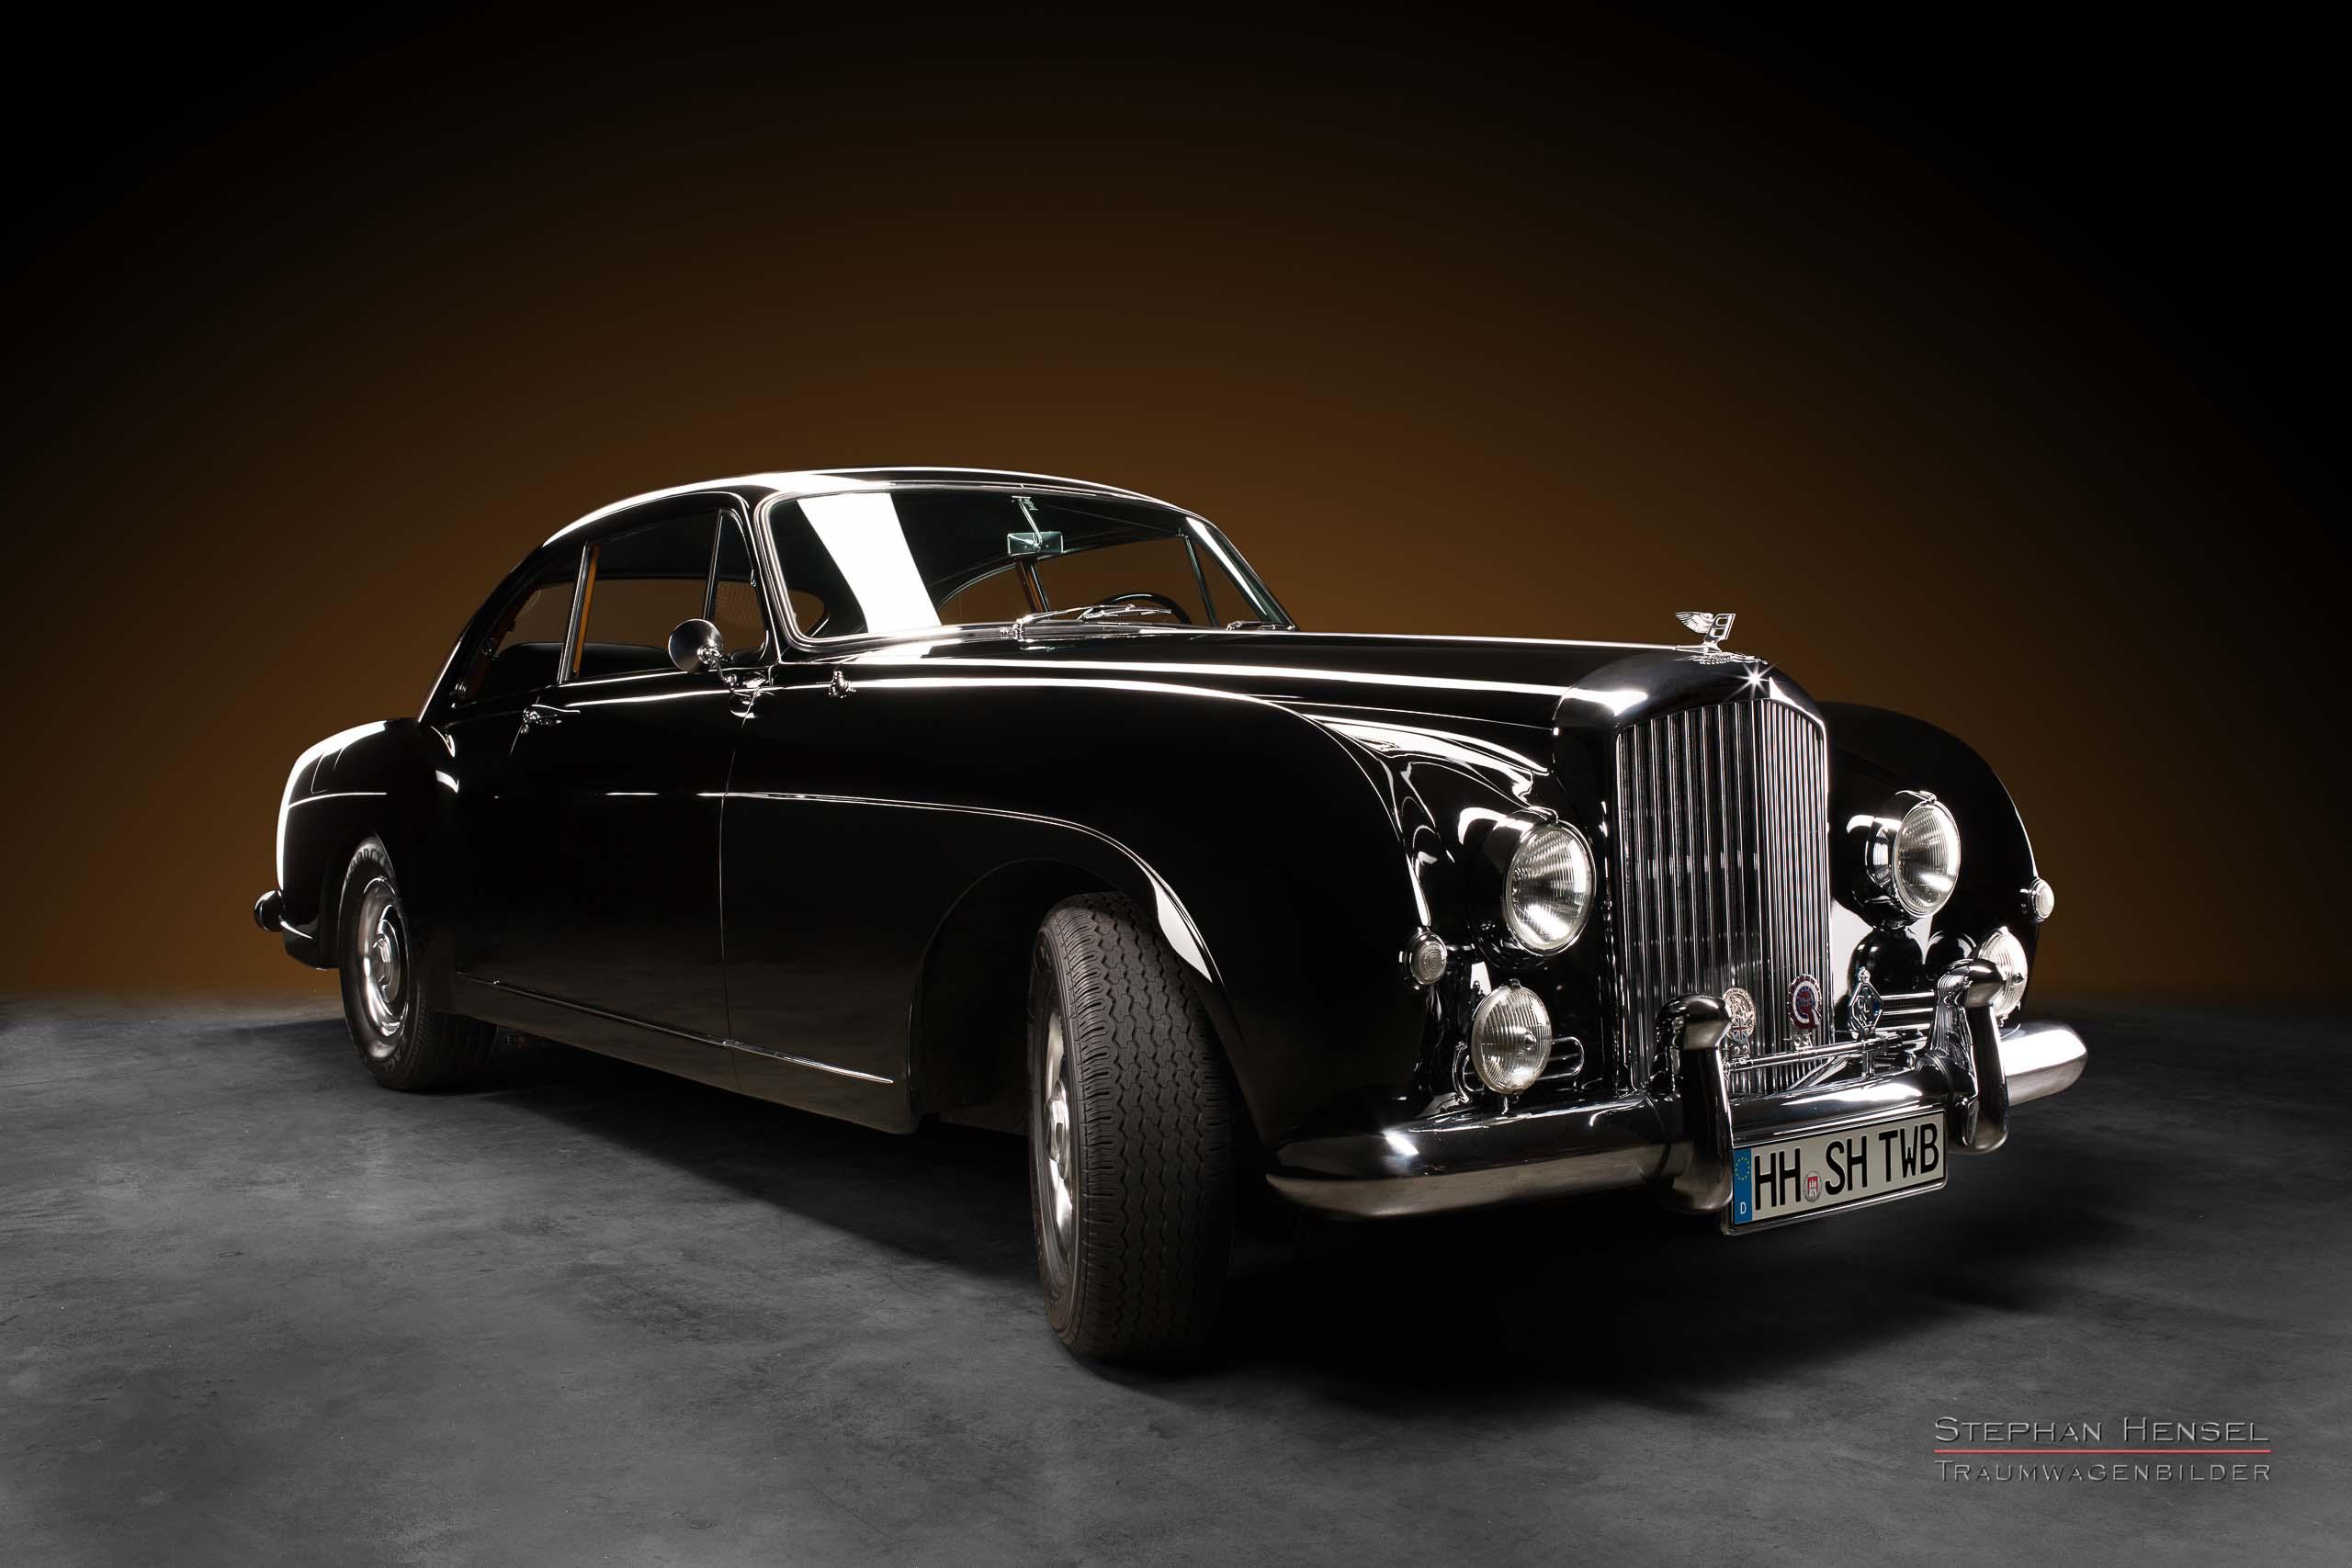 Bentley S1 Continental, 1956, Frontalansicht von rechts, Autofotograf, Hamburg, Automobilfotograf, Oldtimerfotograf, Oldtimerfotografie, Car Photography, Stephan Hensel